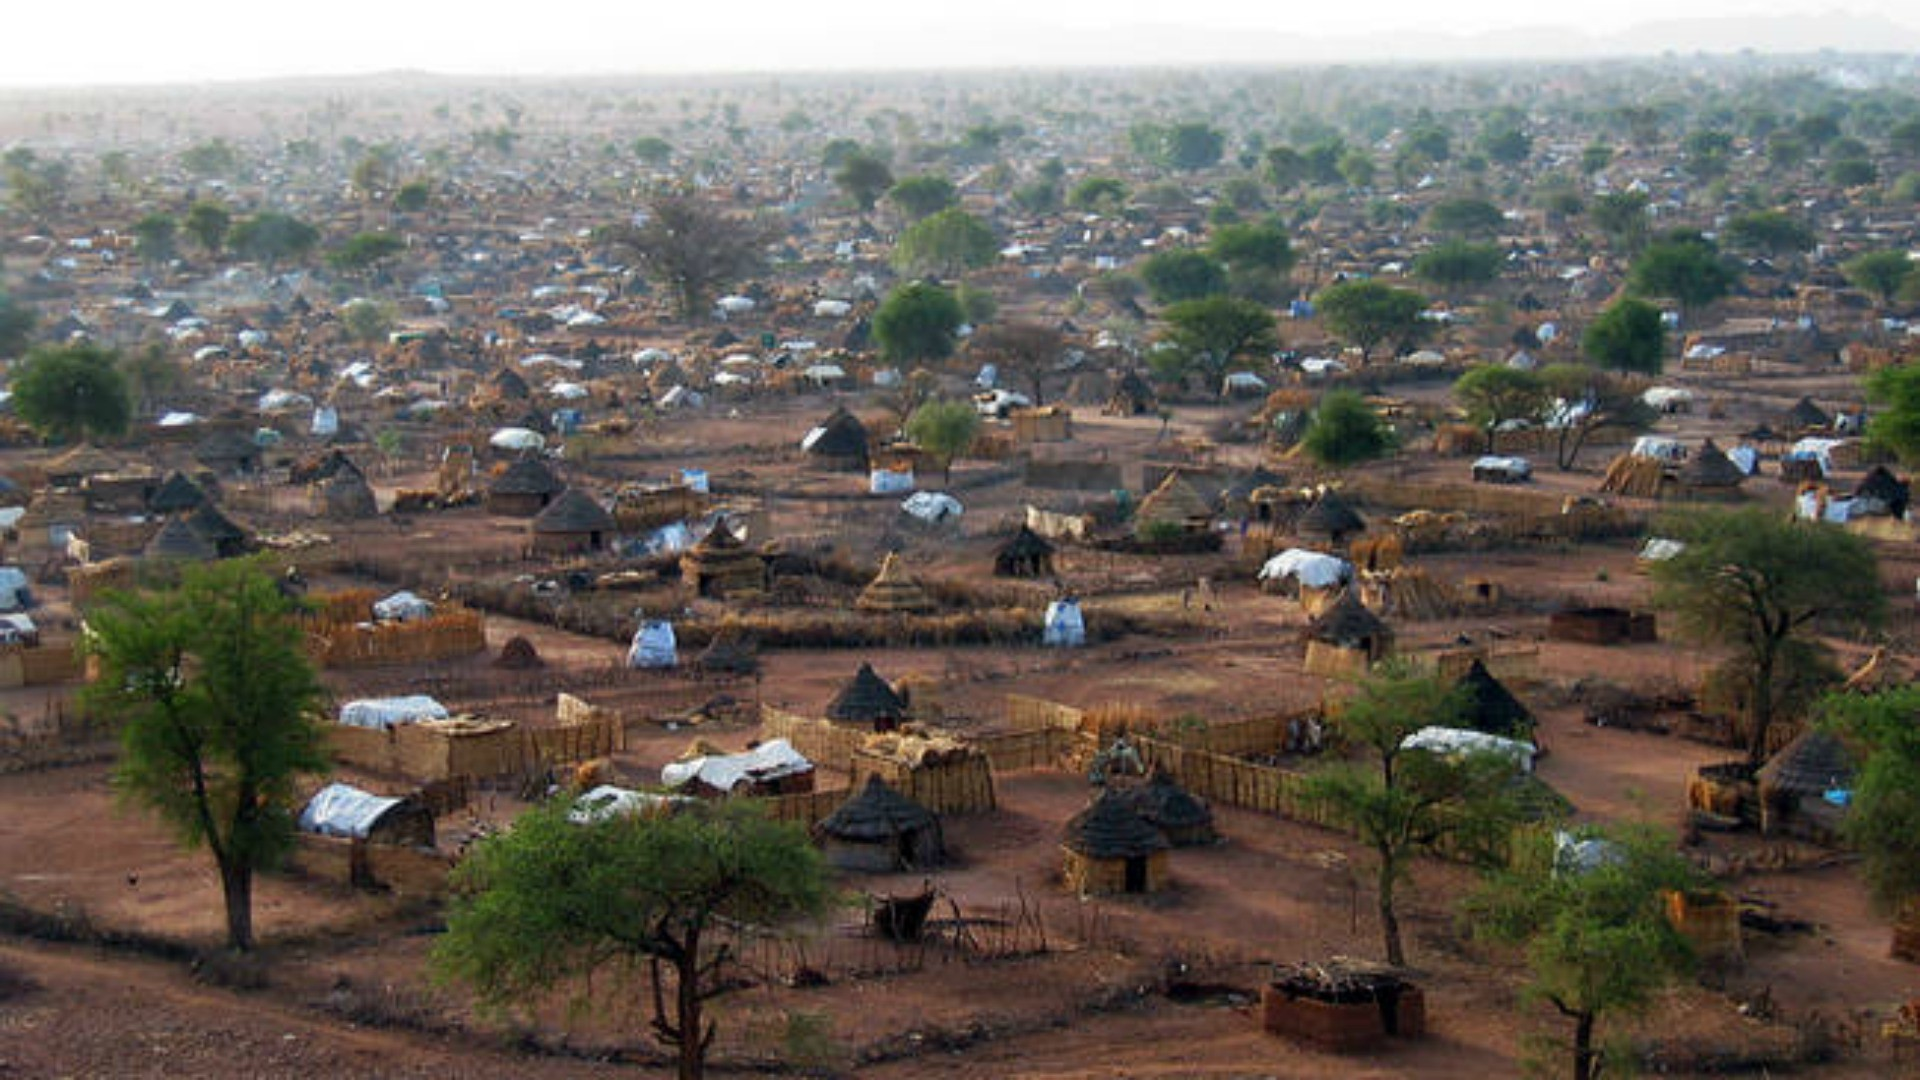 Plus de 41 39 000 d plac s au darfour depuis le d but de l - Bureau de la coordination des affaires humanitaires ...